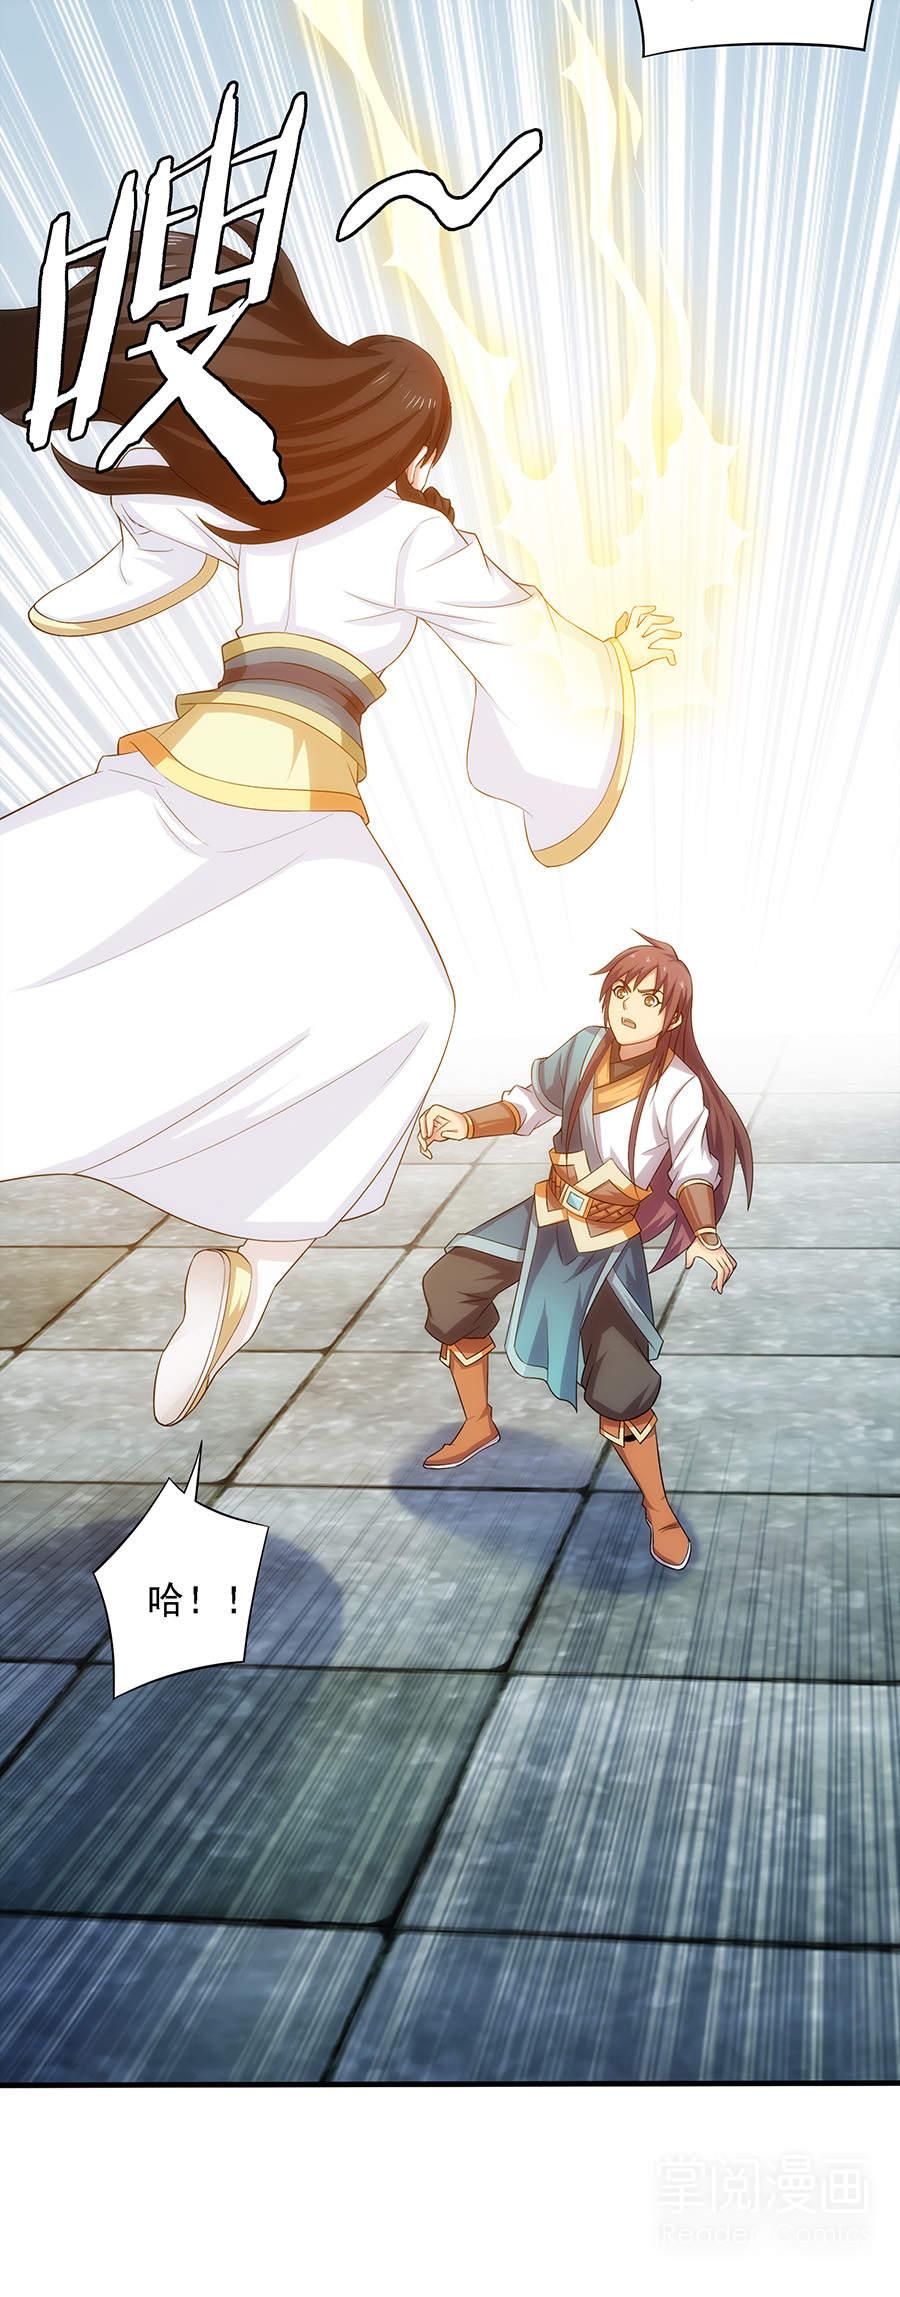 绝世剑神第27话  公主不忿 第 4